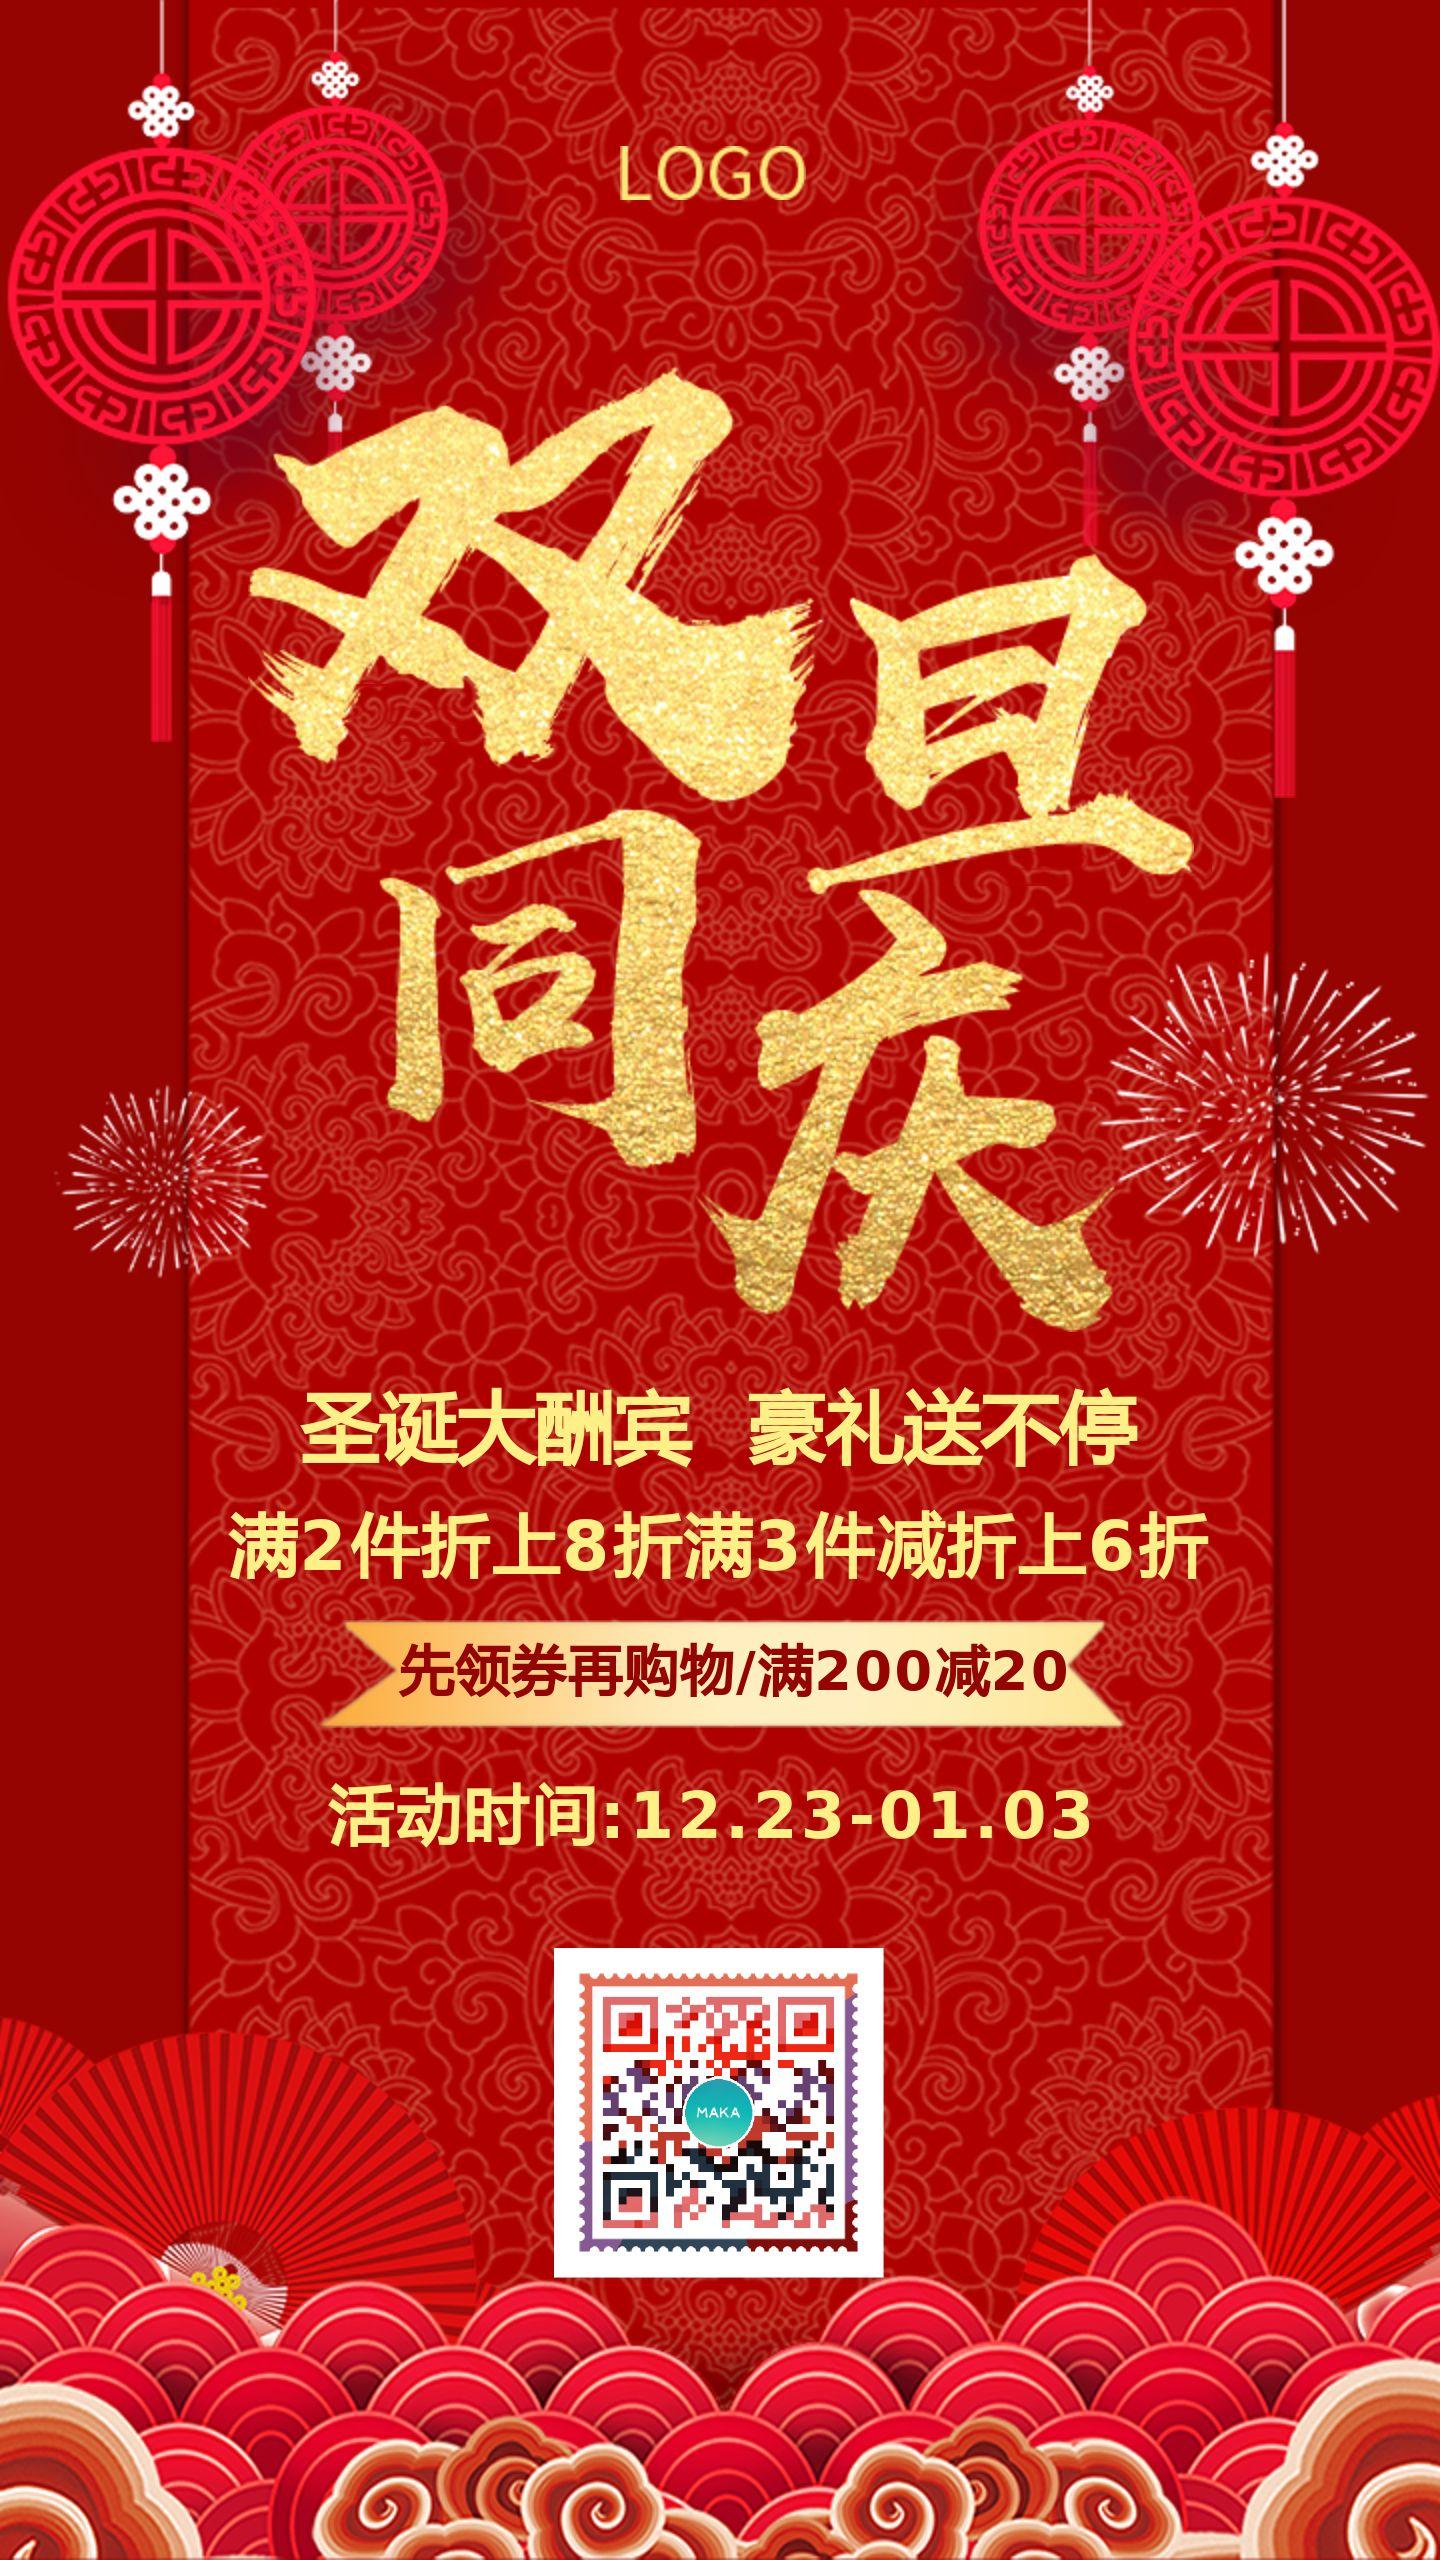 简约大气圣诞元旦双旦促销新年祝福活动促销跨年终大促优费年货节抢购钜惠海报